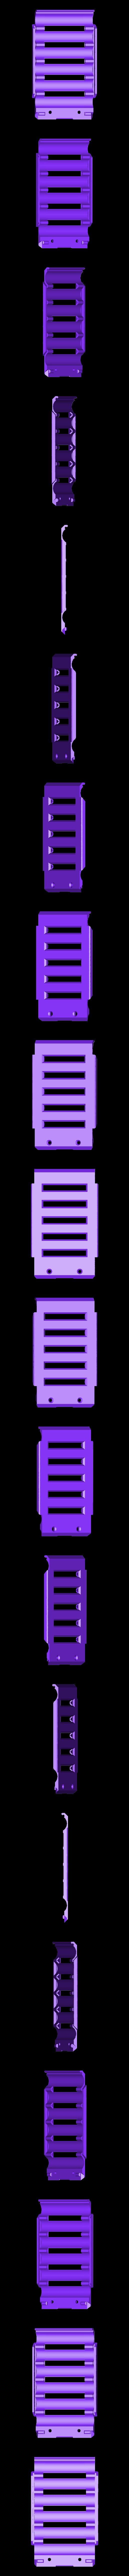 18650_6P_lid_V2_Vented.stl Télécharger fichier STL gratuit NESE, le module V2 sans soudure 18650 (VENTED) • Objet pour imprimante 3D, 18650